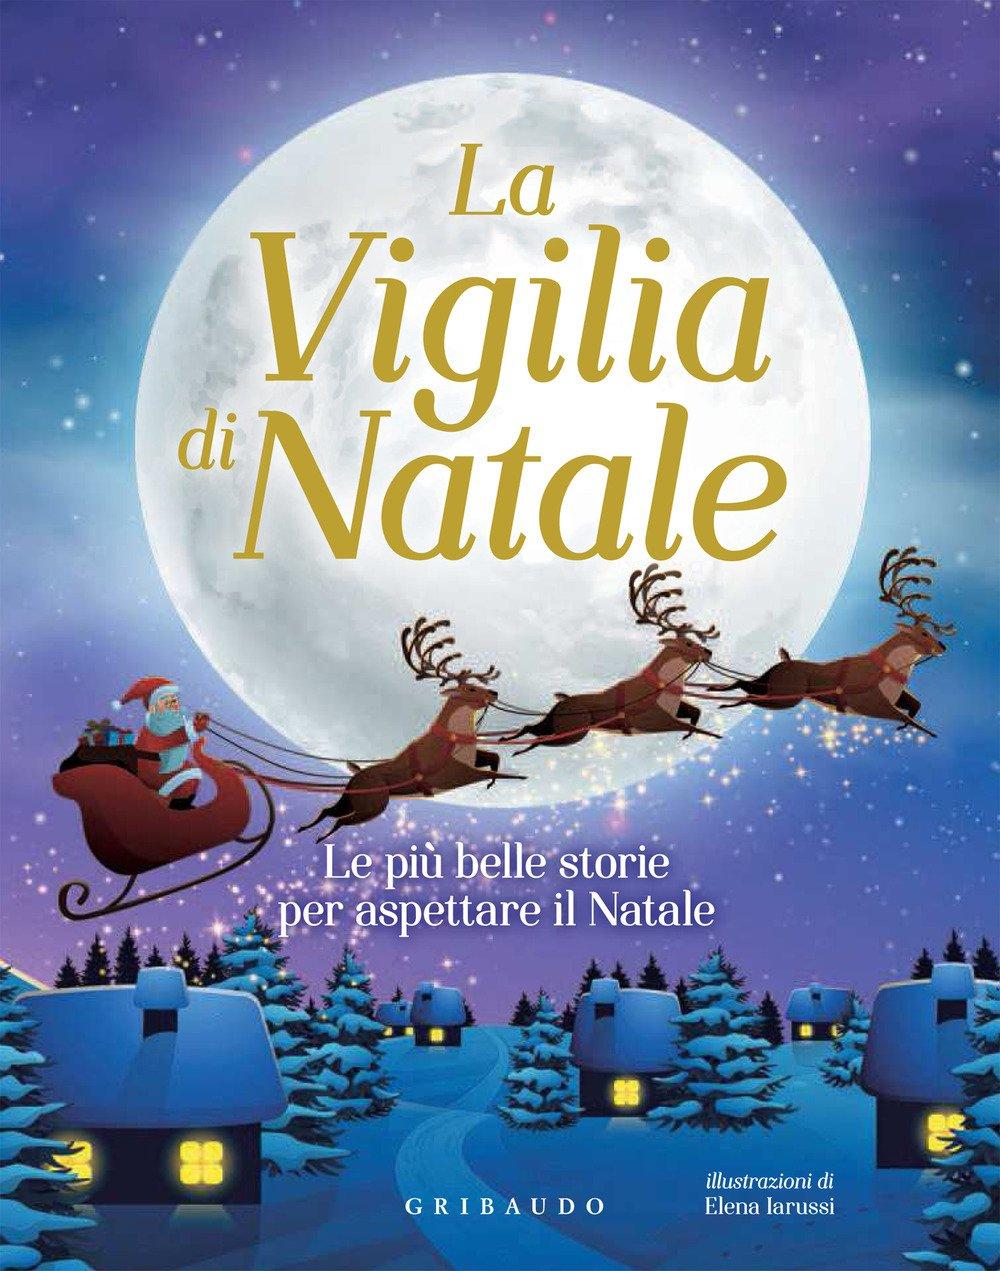 Belle Immagini Di Natale.La Vigilia Di Natale Le Piu Belle Storie Per Aspettare Il Natale 9788858021026 Amazon Com Books